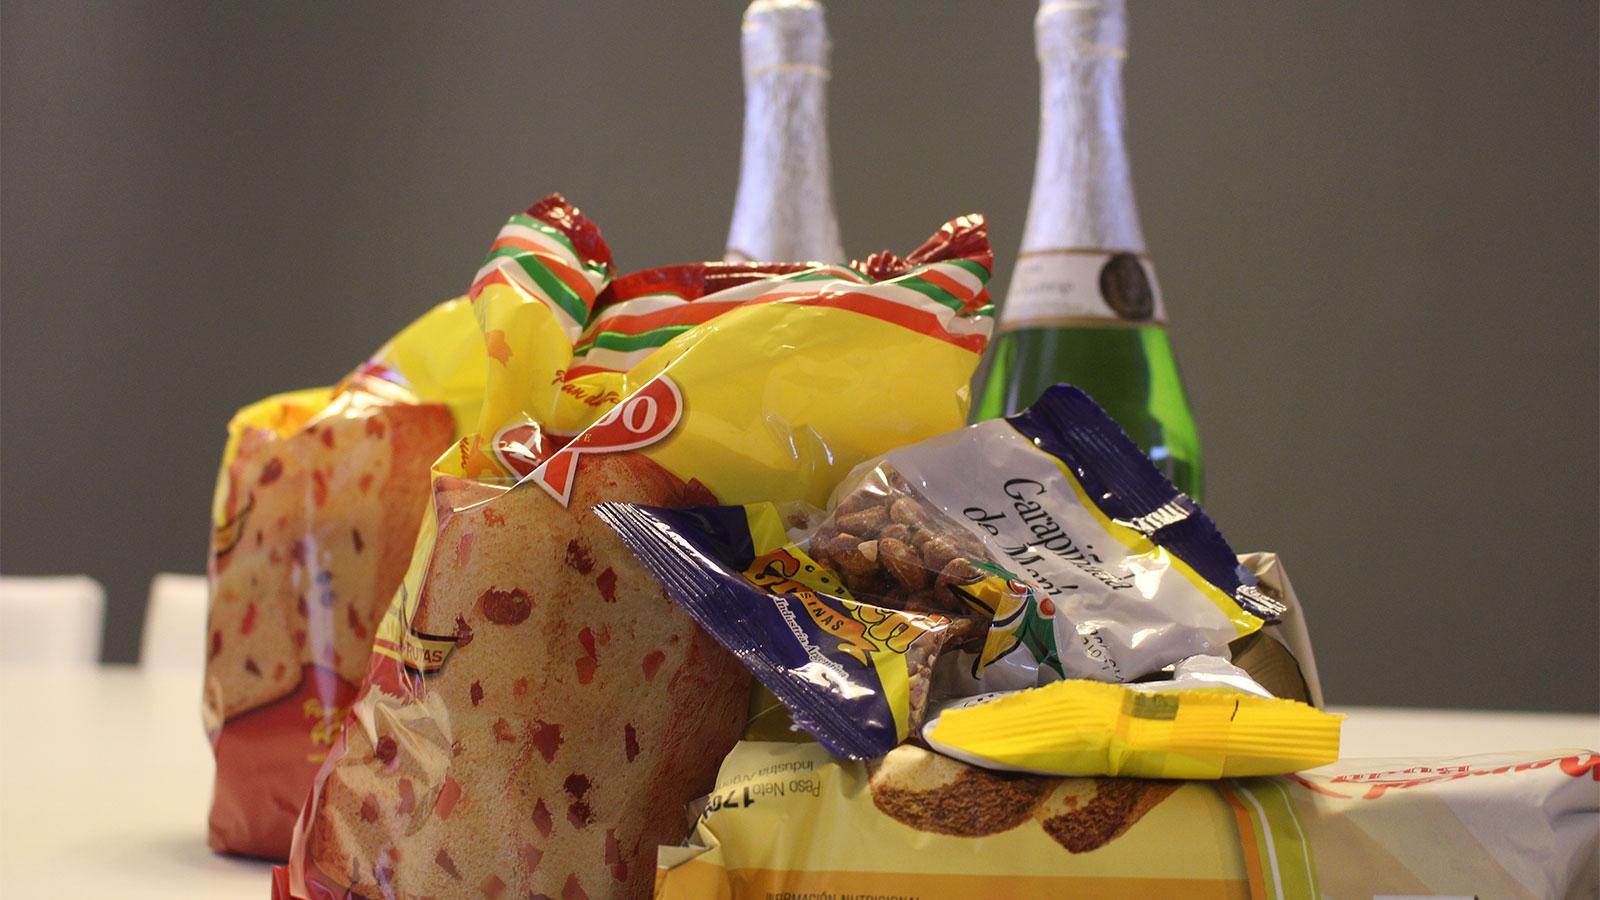 La oferta se verá en los supermercados afiliados a Casar.